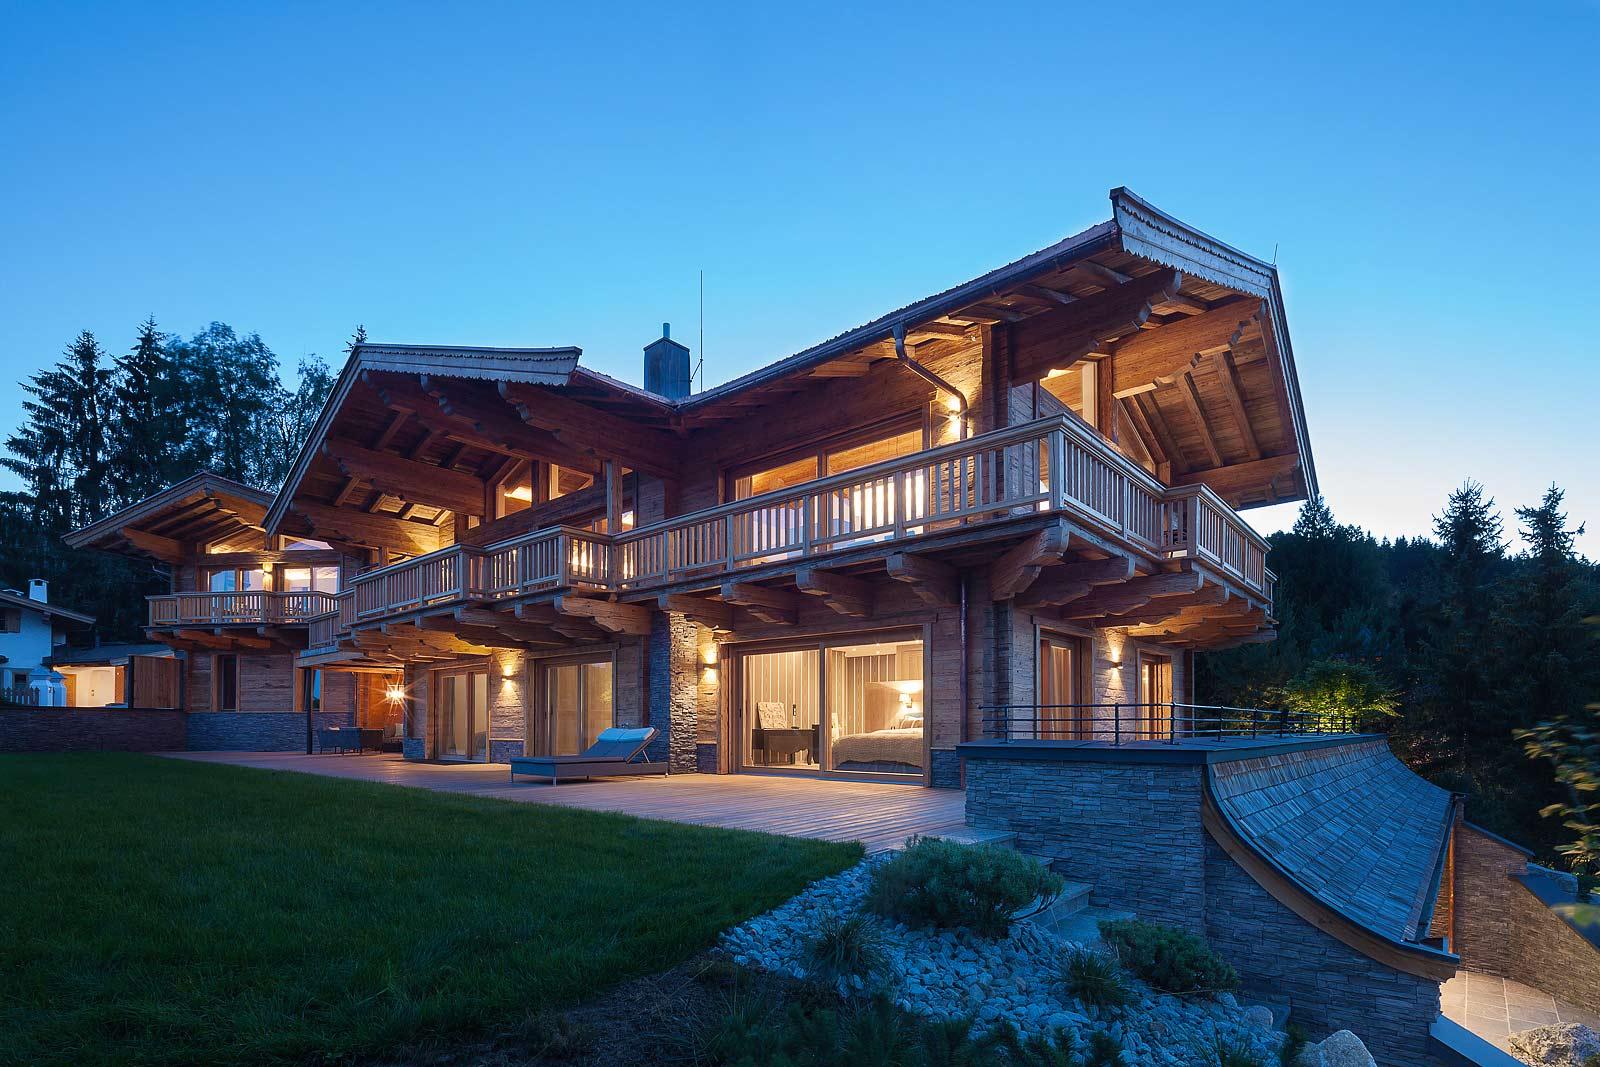 architekturfotografie Einfamilienhaus, Fotos von hochwertigen Immobilien ,Kitzbühel, Exklusives Haus, Fotografie